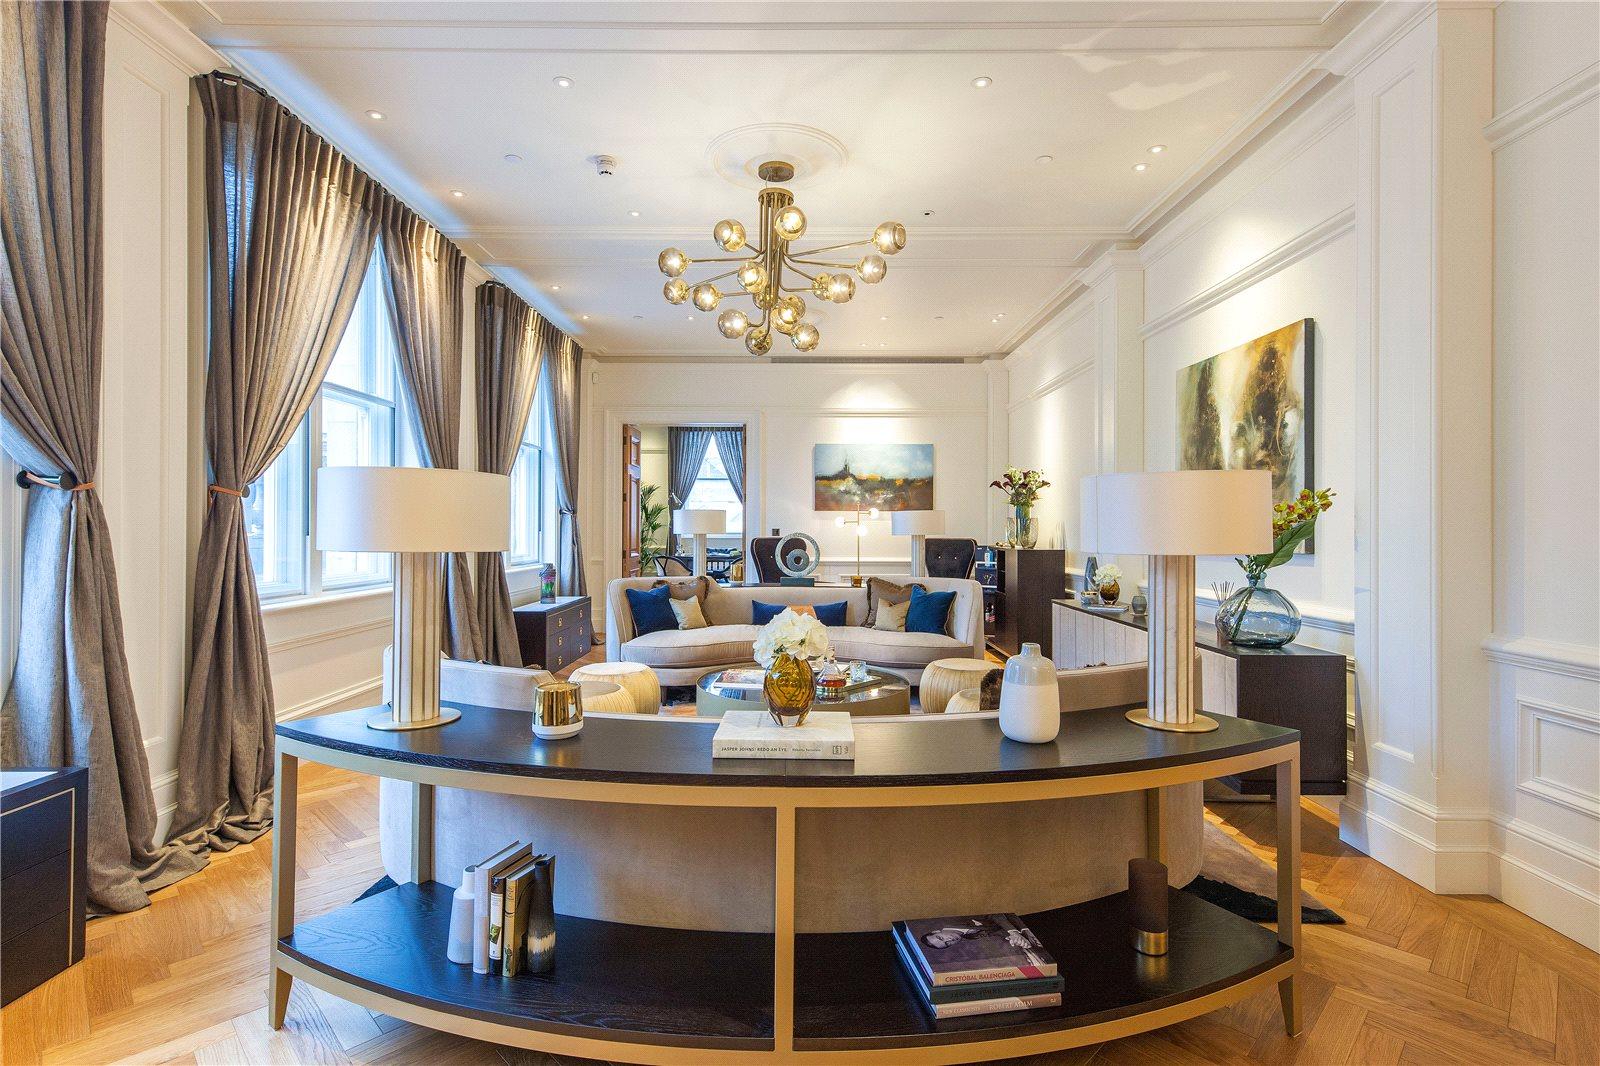 Appartements / Flats pour l Vente à Cockspur Street, London, SW1Y London, Angleterre